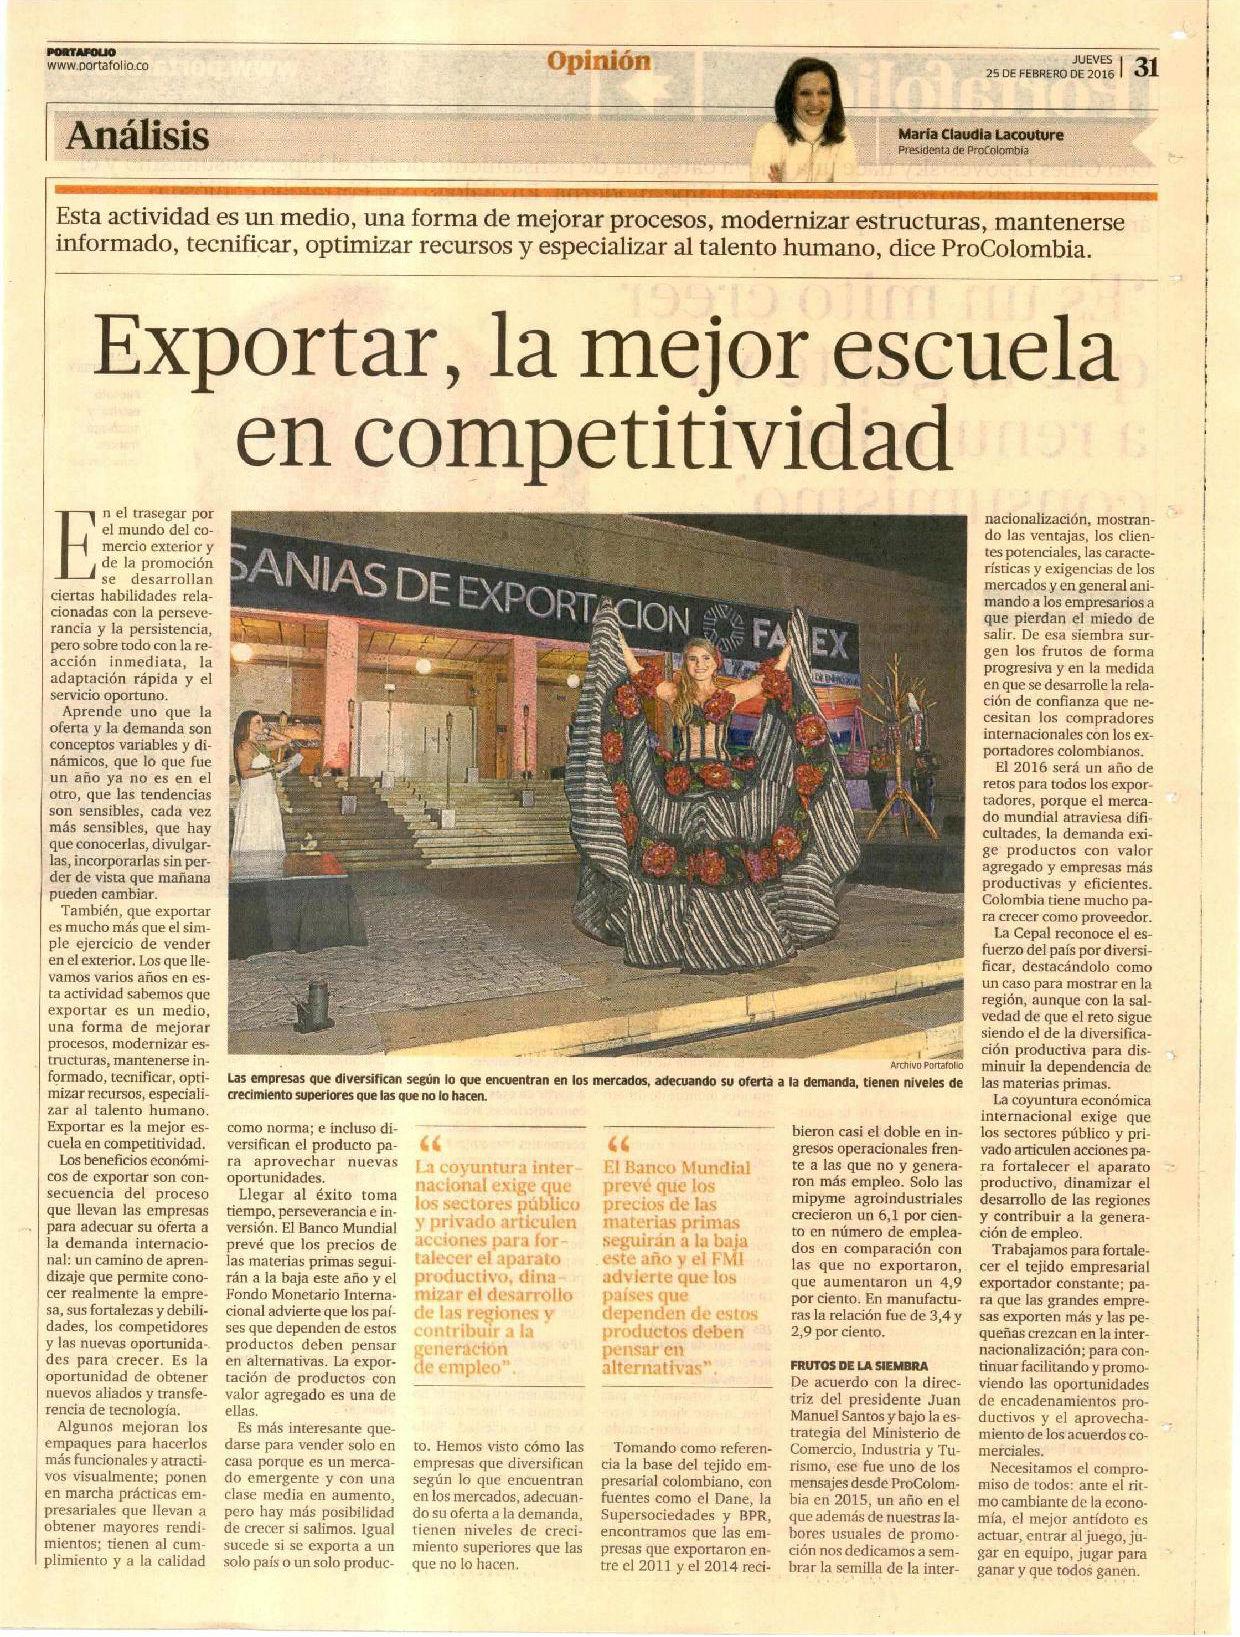 Exportar la mejor escuela en competitividad